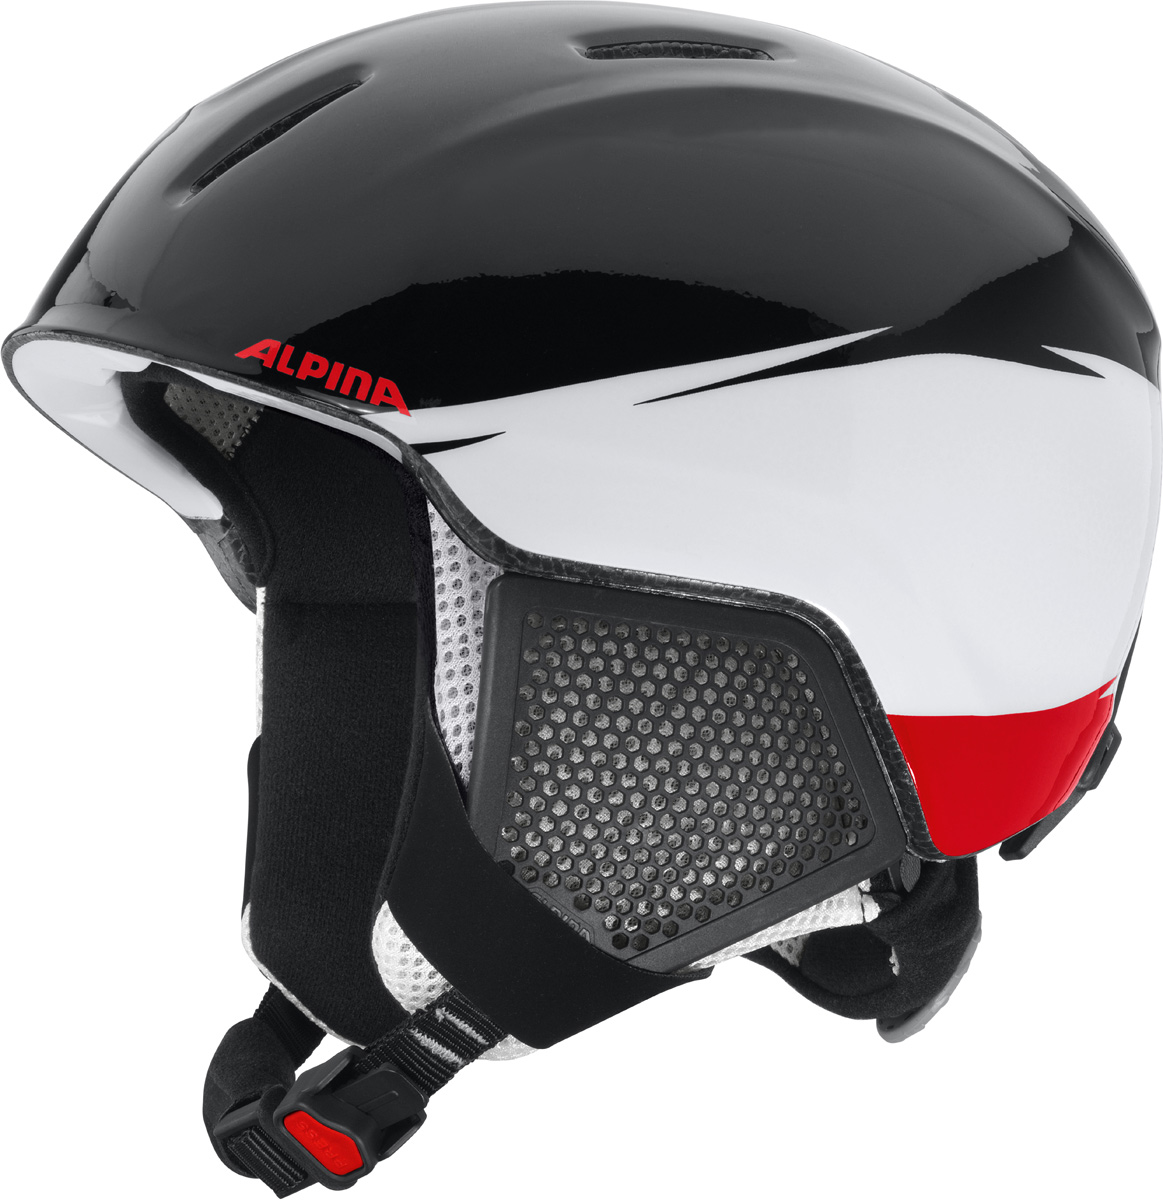 """Шлем горнолыжный детский Alpina """"Carat LX"""", цвет: черный, белый, красный. A9081_50. Размер 51-55"""